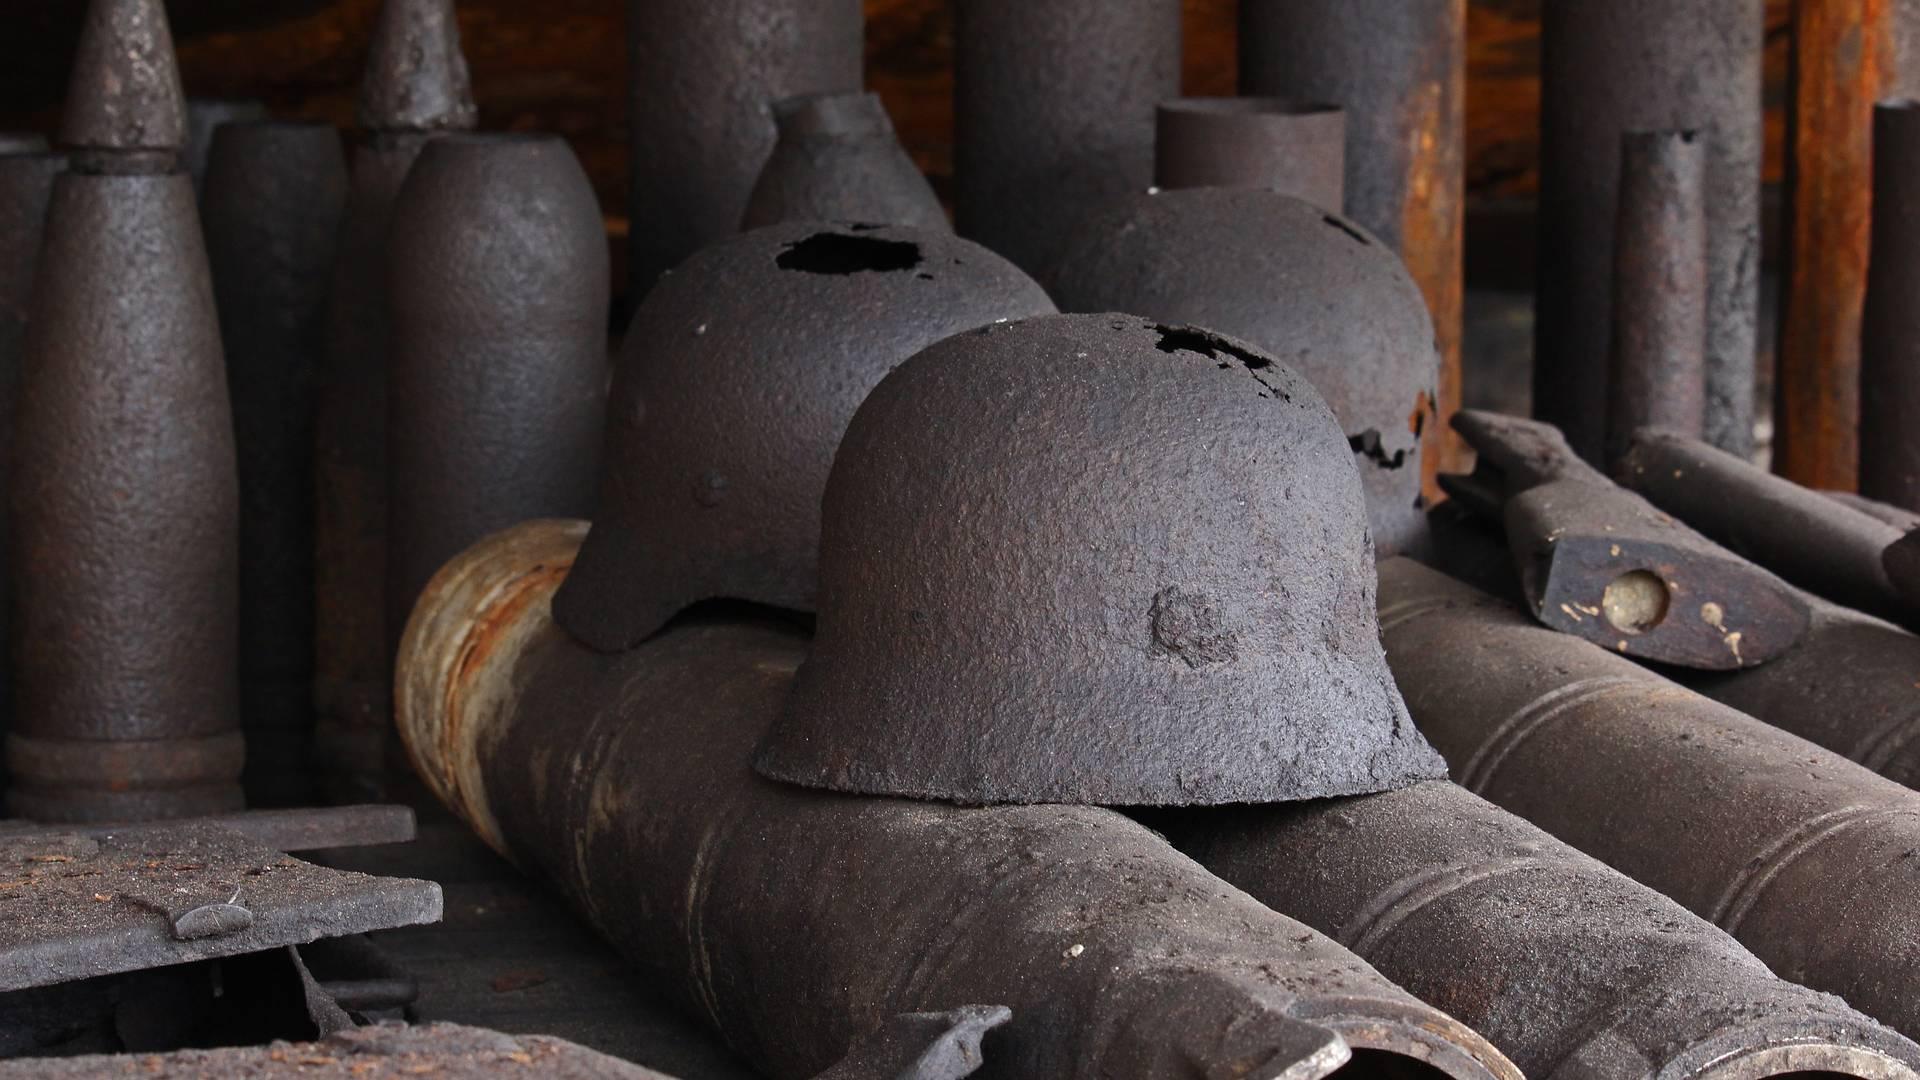 Der Zweite Weltkrieg symbolisiert den totalen Krieg